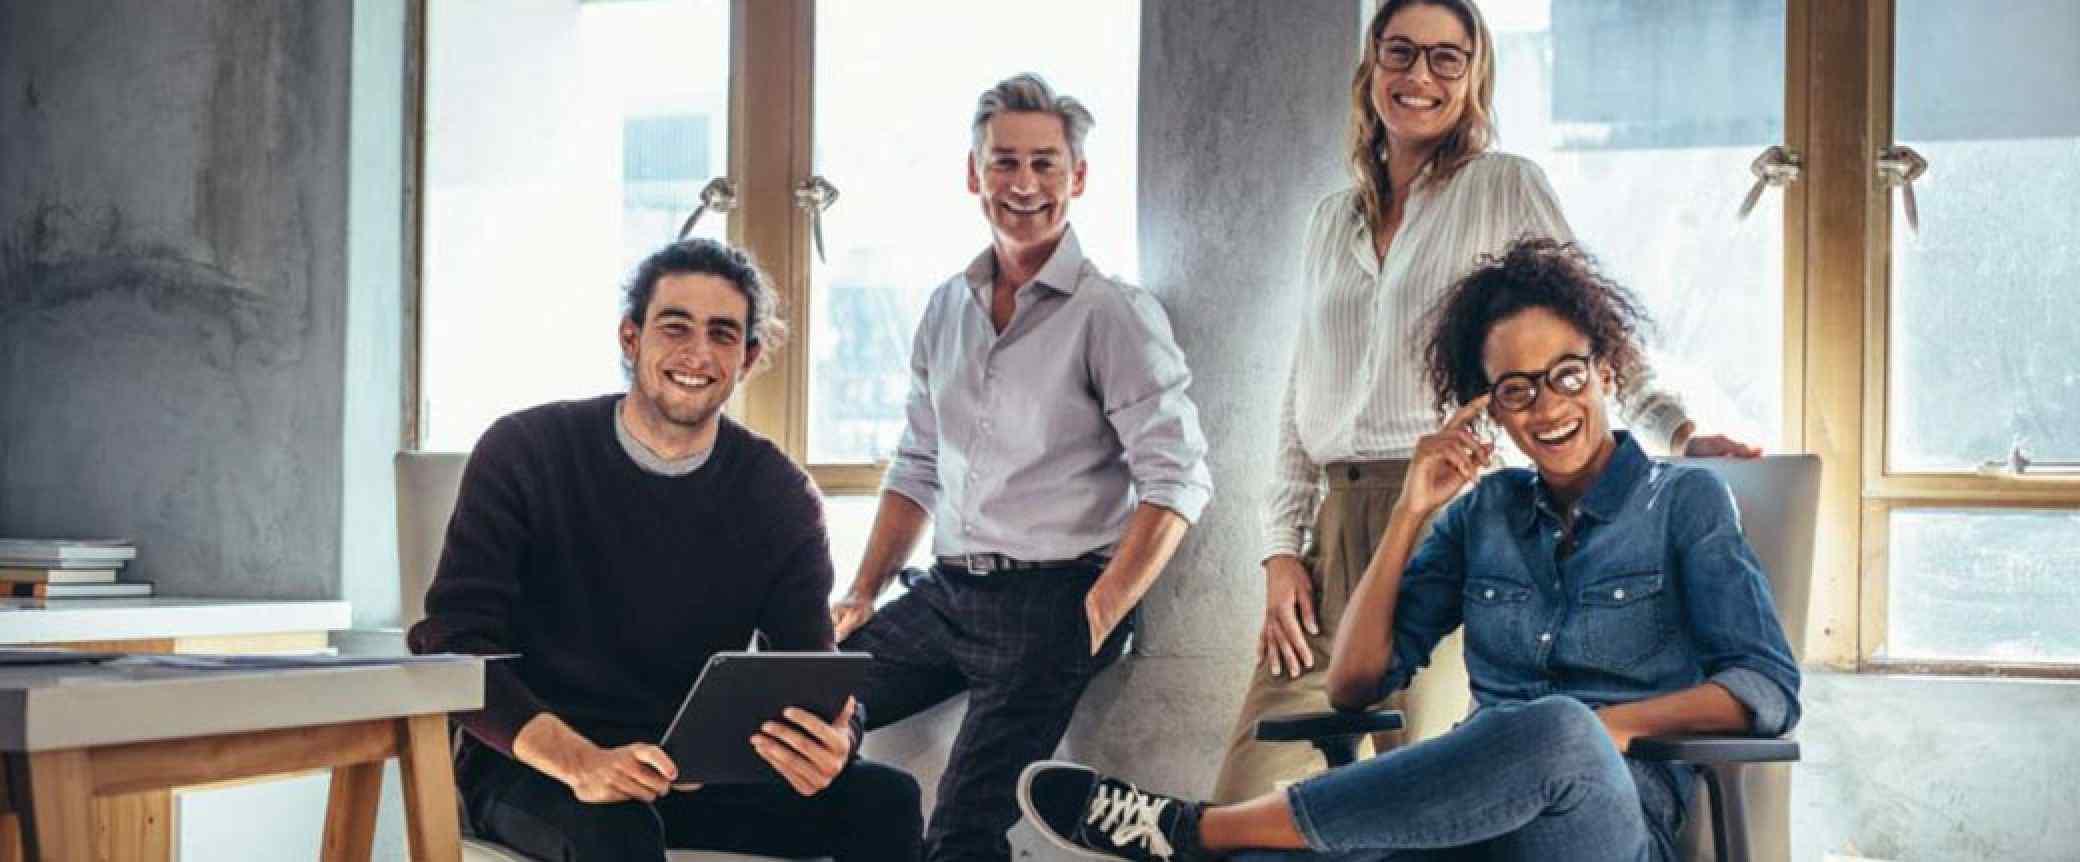 Unternehmensführung für mittelständische Unternehmen